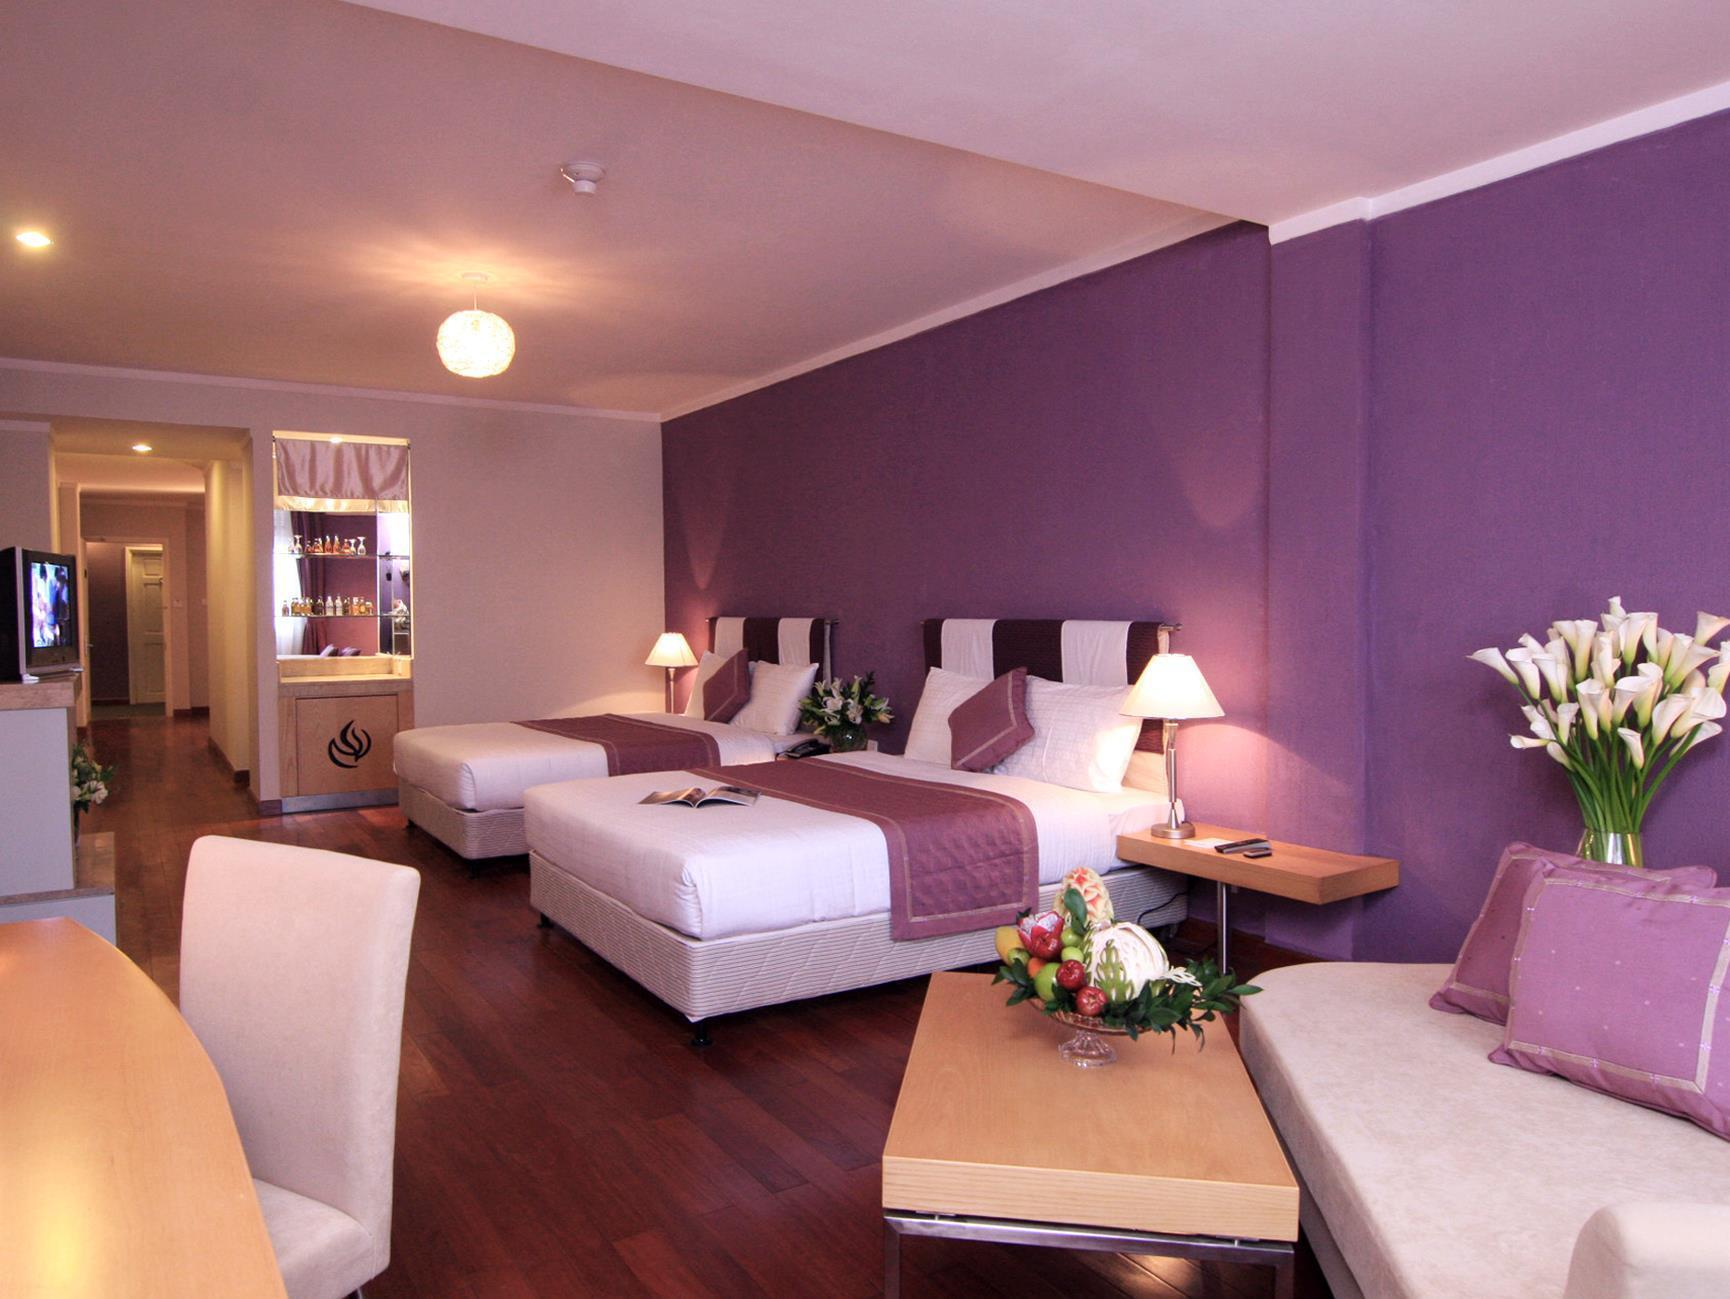 Kết quả hình ảnh cho Ngoc Lan hotel